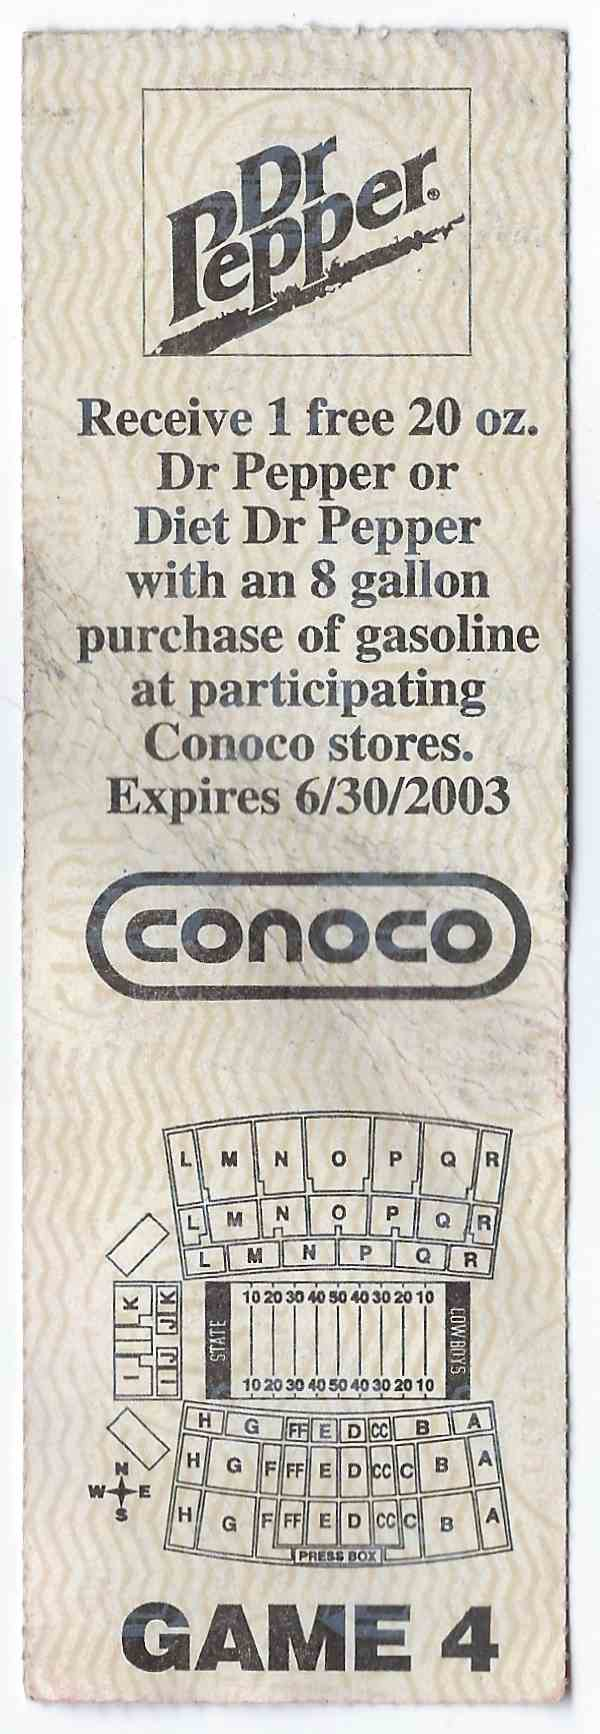 2002 College Football Ticket Stub Nebraska Vs Oklahoma State card back image